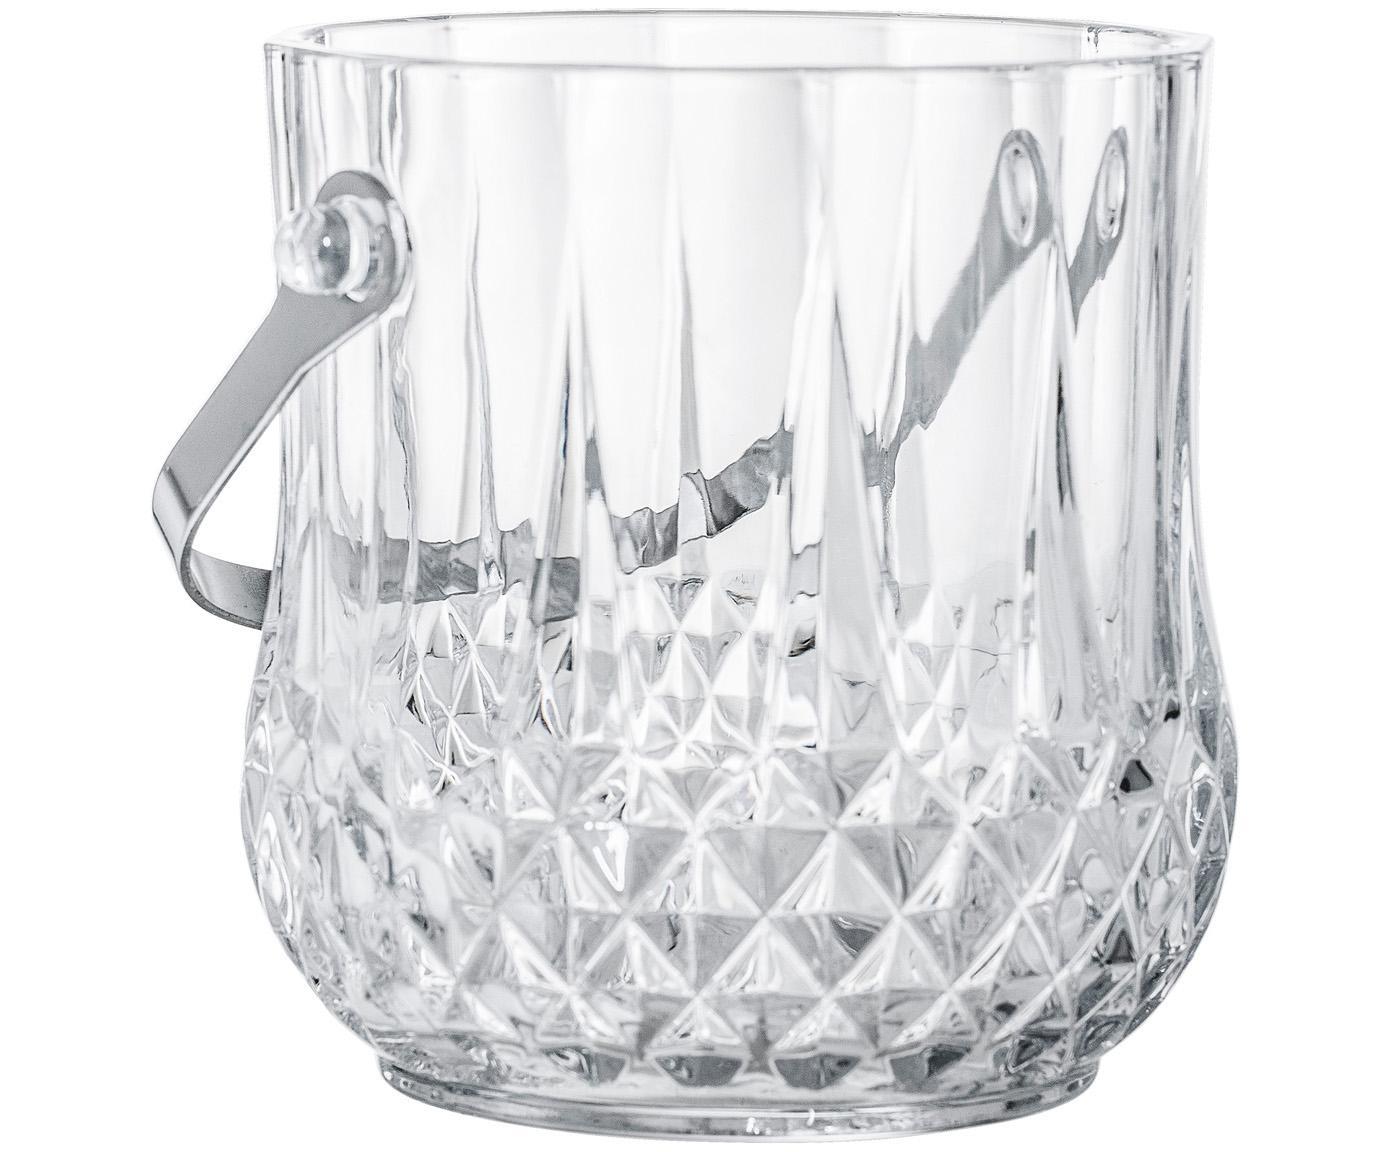 Secchiello per ghiaccio Julie, Manico: acciaio inossidabile, Trasparente, acciaio inossidabile, Ø 12 x Alt. 14 cm